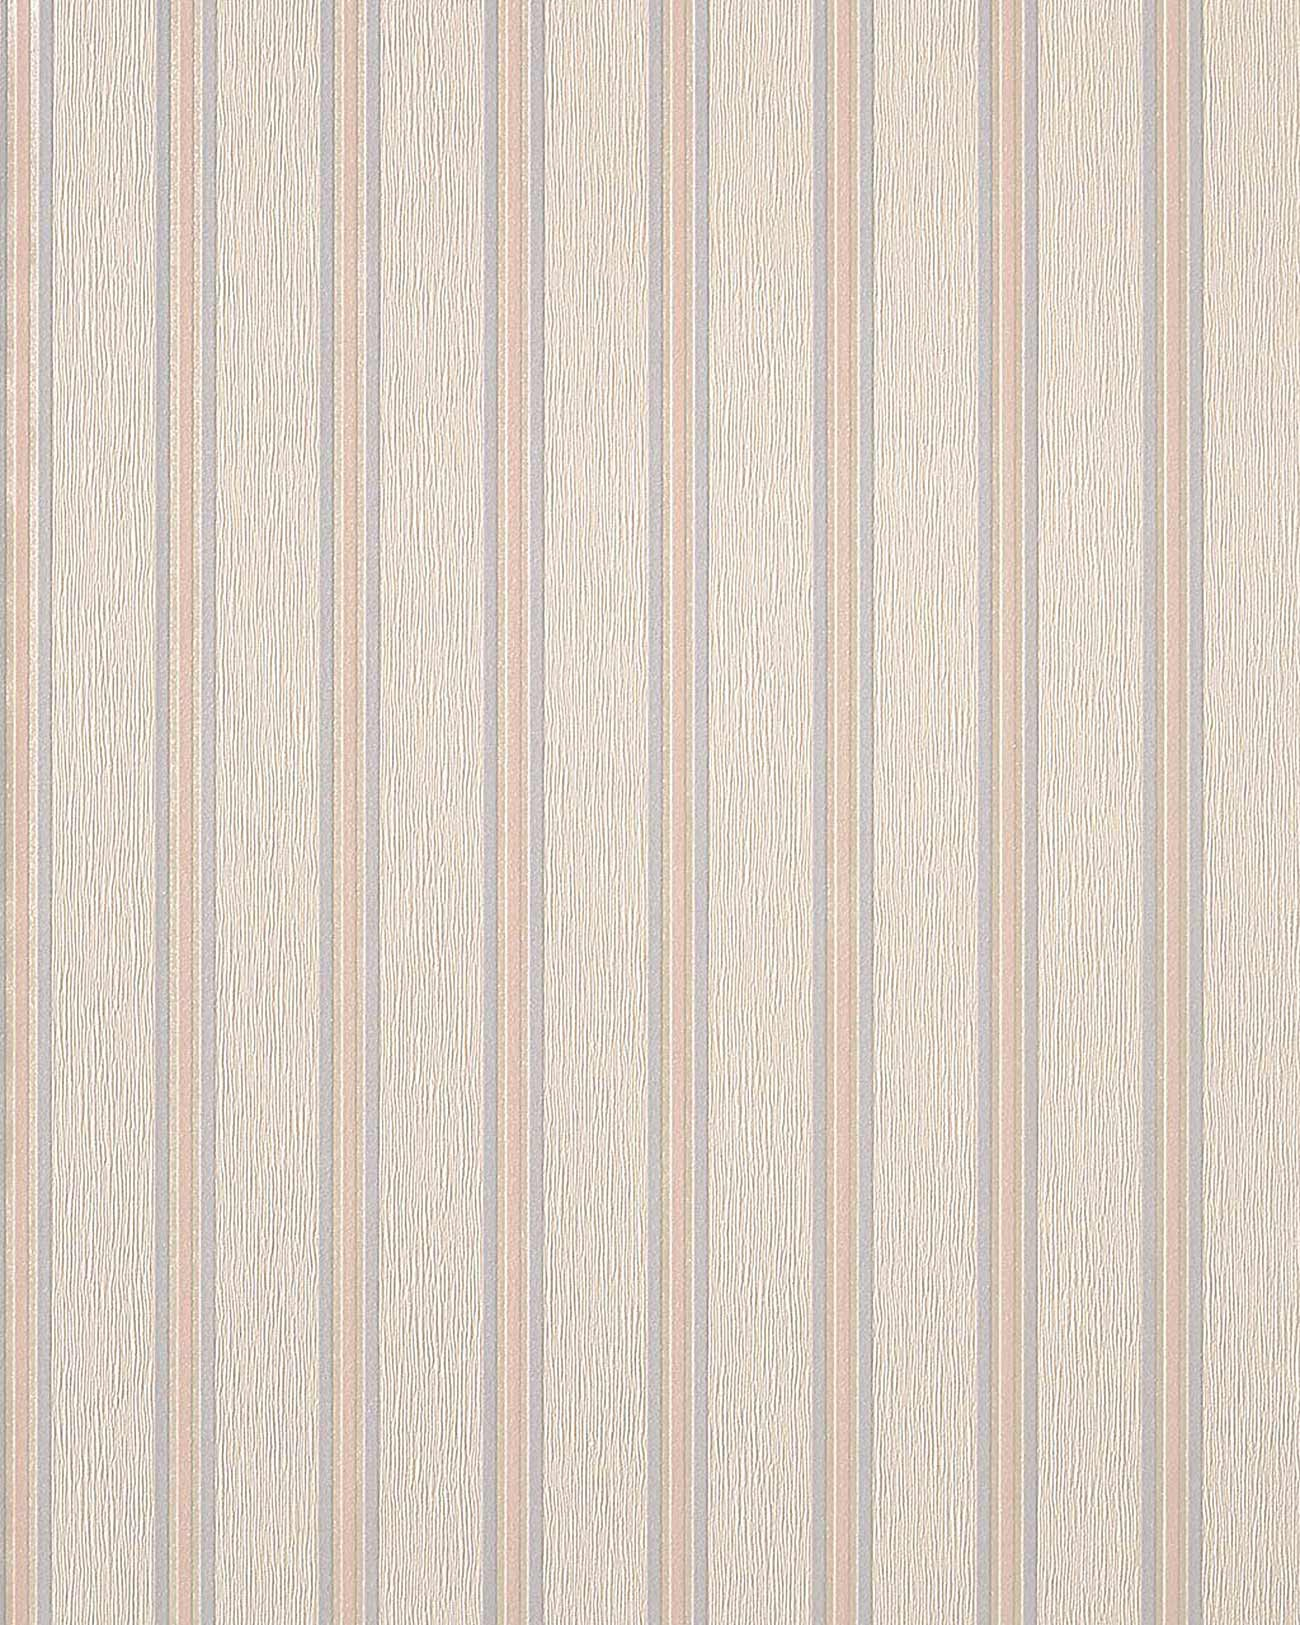 Edem 112 33 carta da parati a strisce in beige rosa viola for Carta da parati a strisce